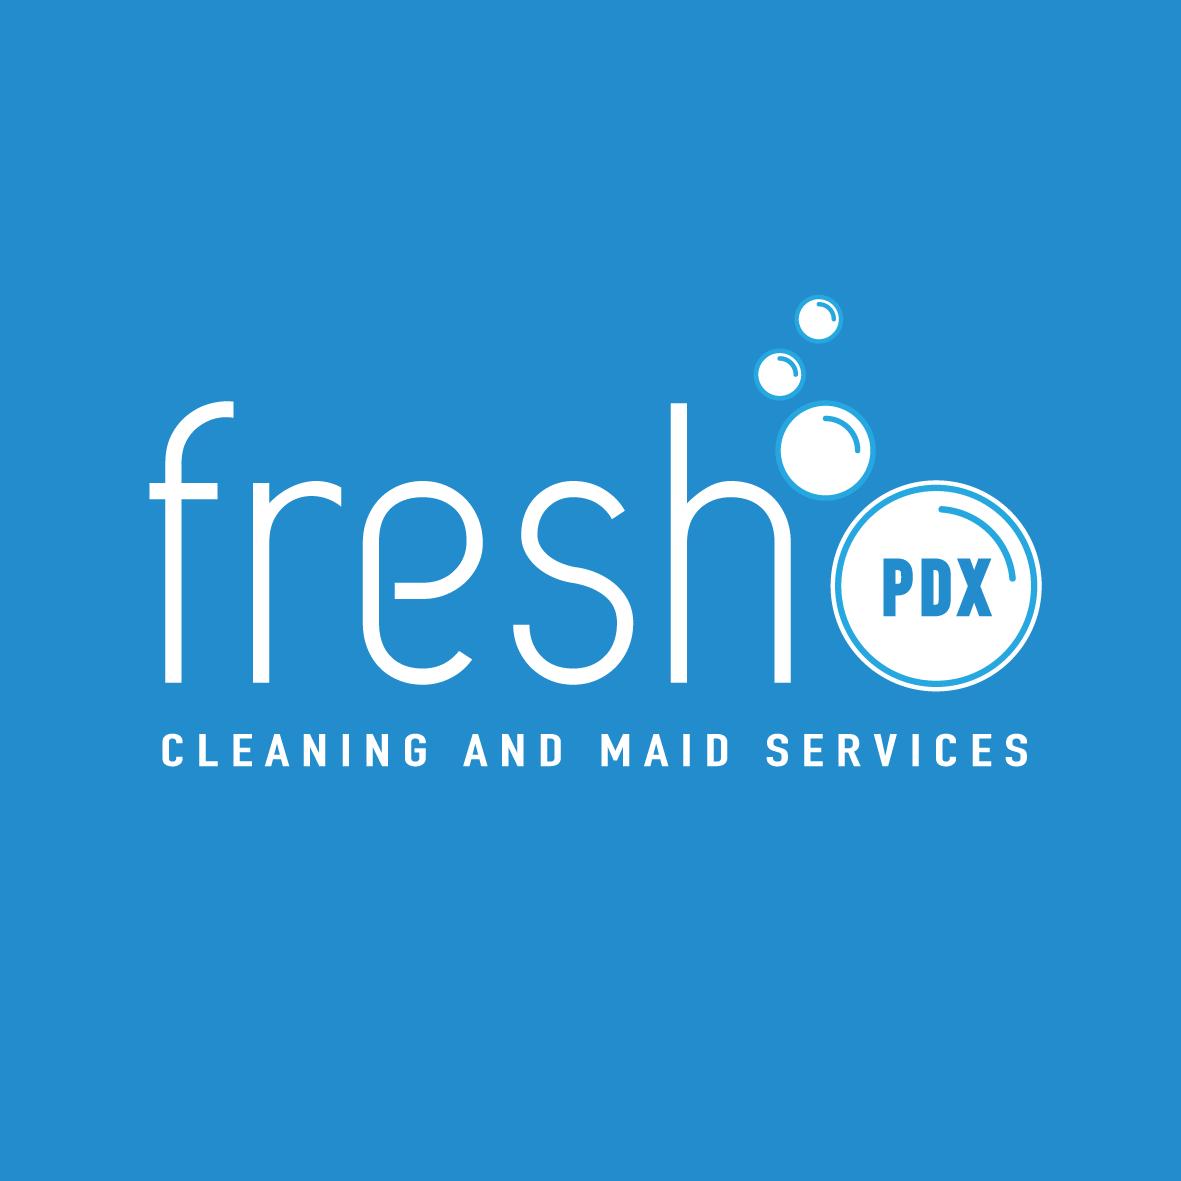 Fresh PDX logo